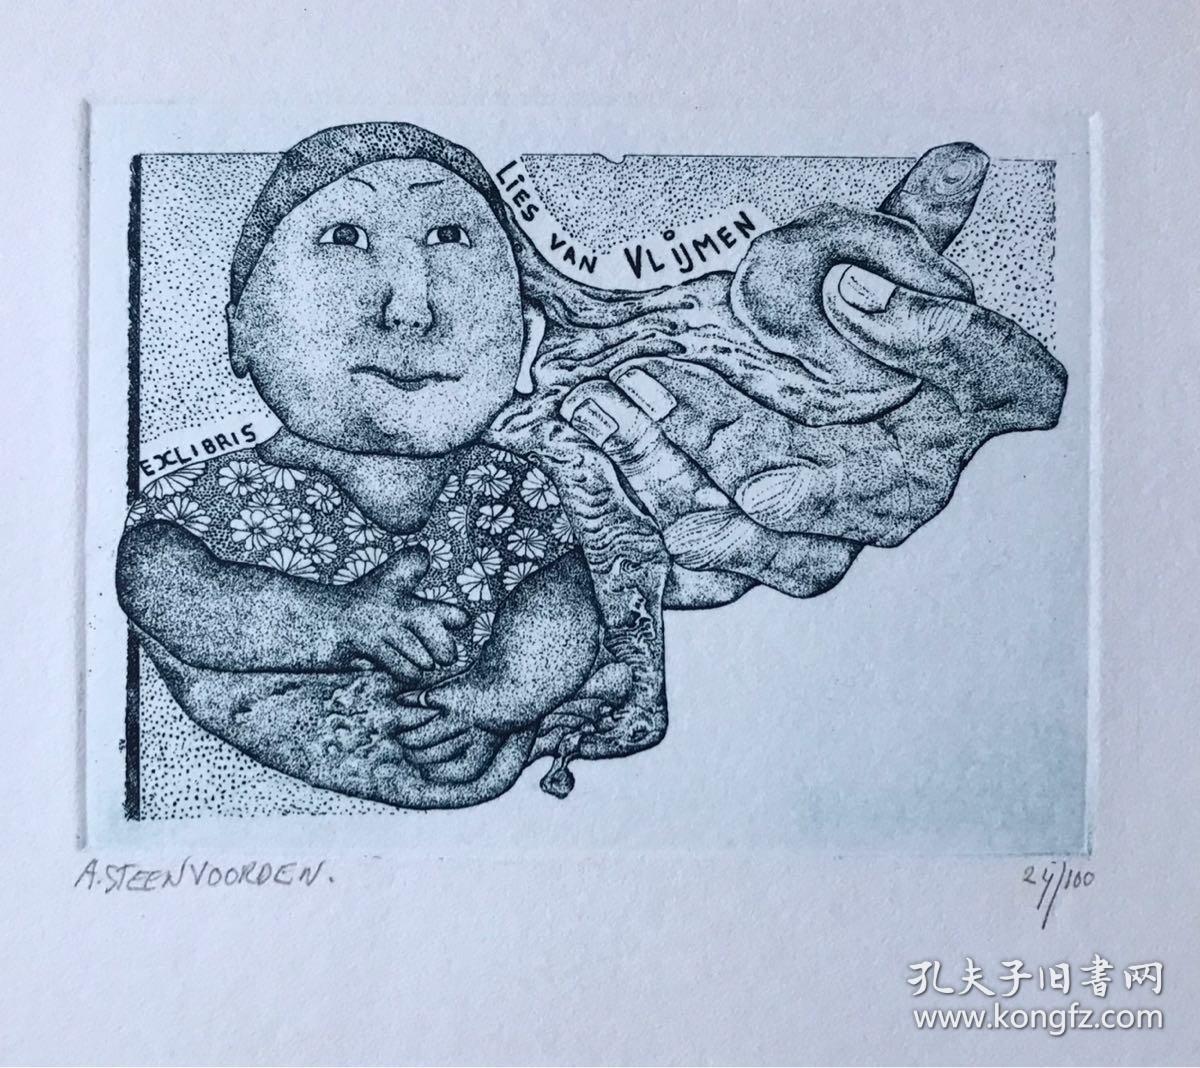 票幅14.7*13.1cm. 画幅11.3*8.7cm Ab Steenvoorden (1934-2010)荷兰版画家、藏书票家和雕塑家。 票主Lies van Vlijmen(1933)荷兰女版画家、陶艺家,作品富有幽默动感的快乐气息,以儿童生活题材为主创作过不少藏书票。